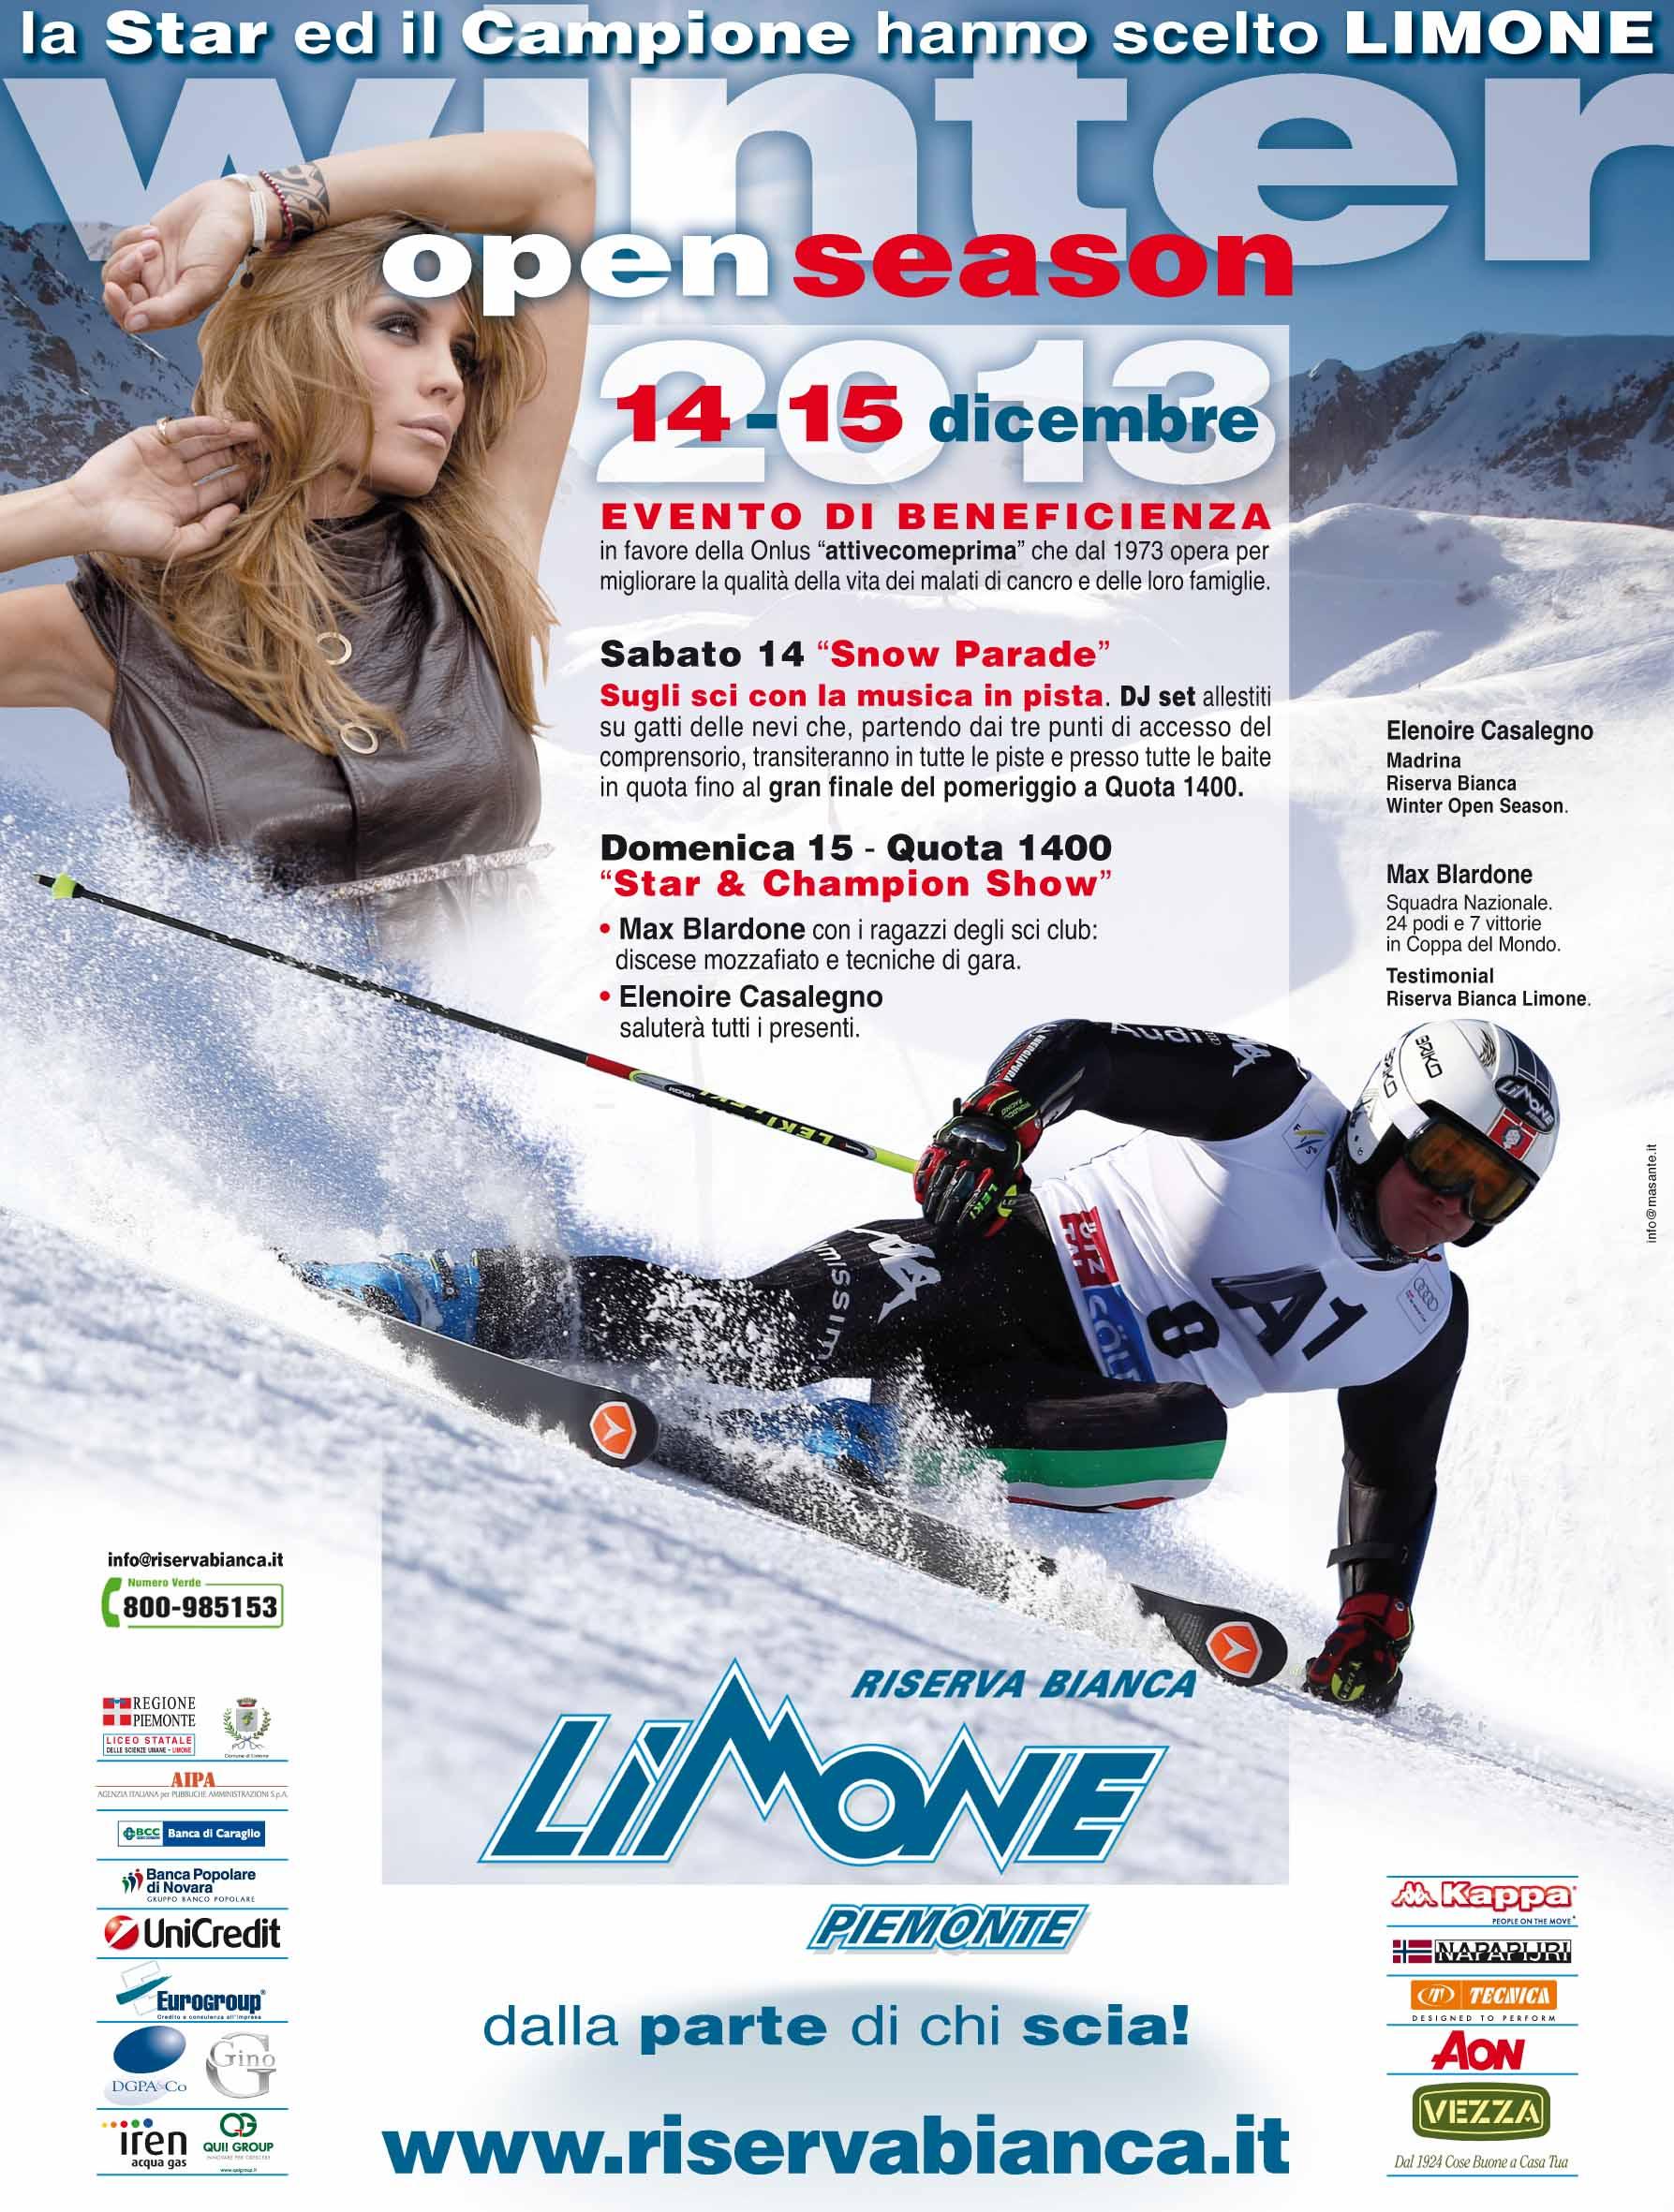 Winter Open Season a Limone Piemonte con Elenoire Casalegno e Max Blardone!